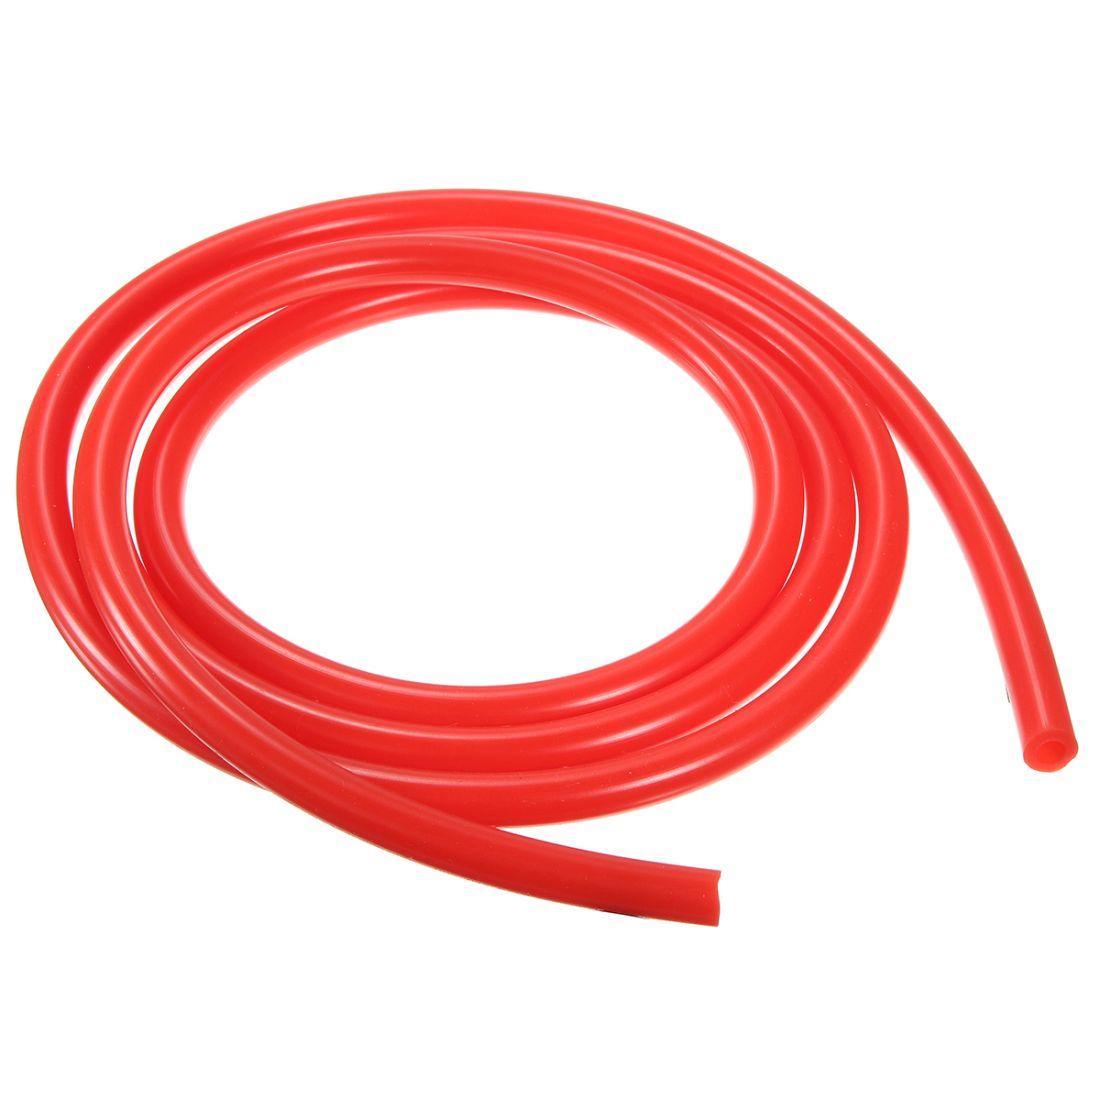 Шланг ПВХ, повышенной жесткости, 12*8 мм, 1 метр, красный